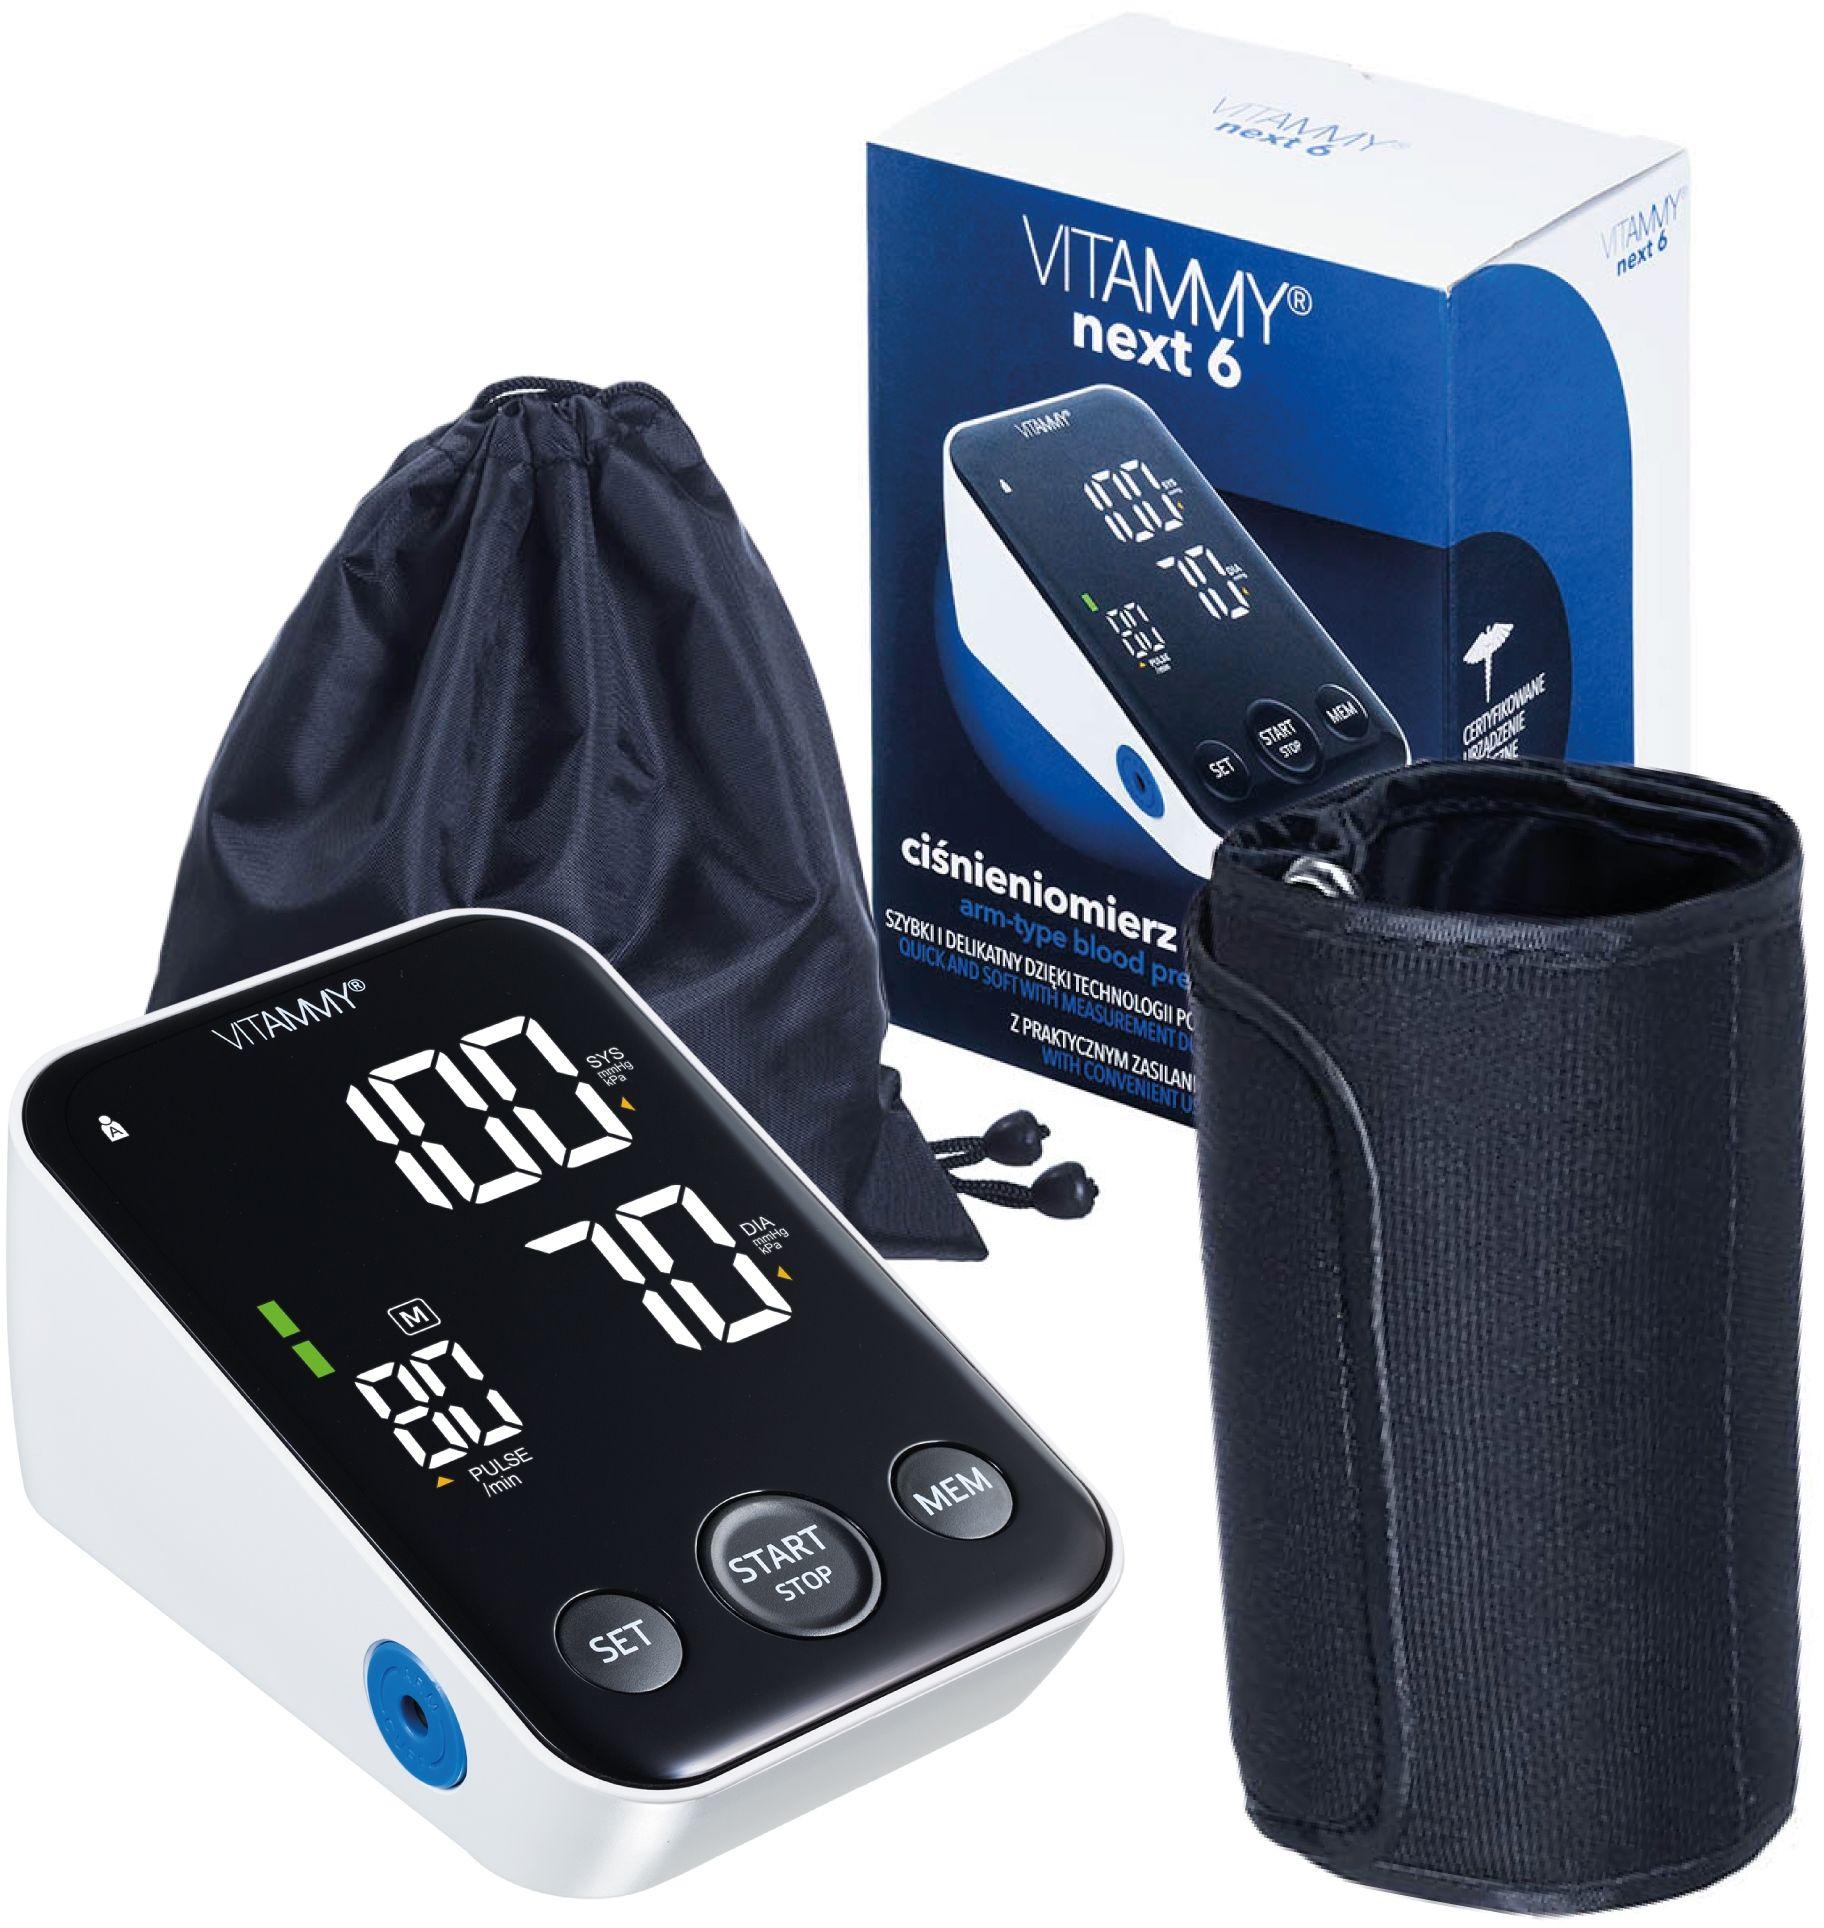 VITAMMY Next 6 Ciśnieniomierz naramienny z pomiarem podczas pompowania i funkcją głosową